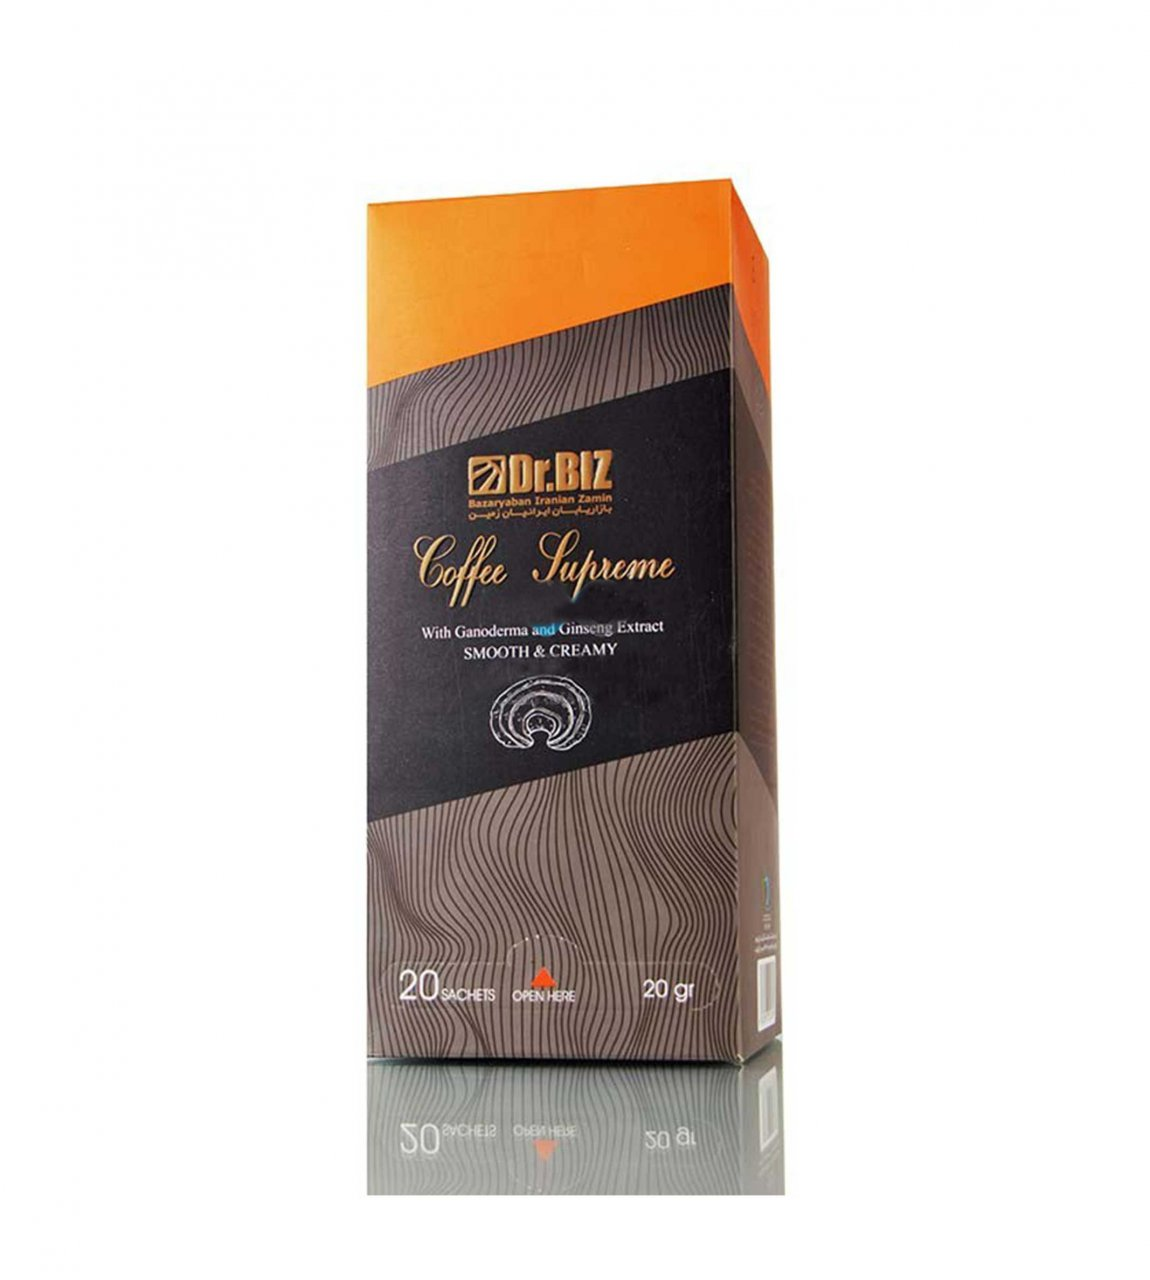 قهوه گانودرما سوپریم دکتر بیز 20 عددی ارسال رایگان